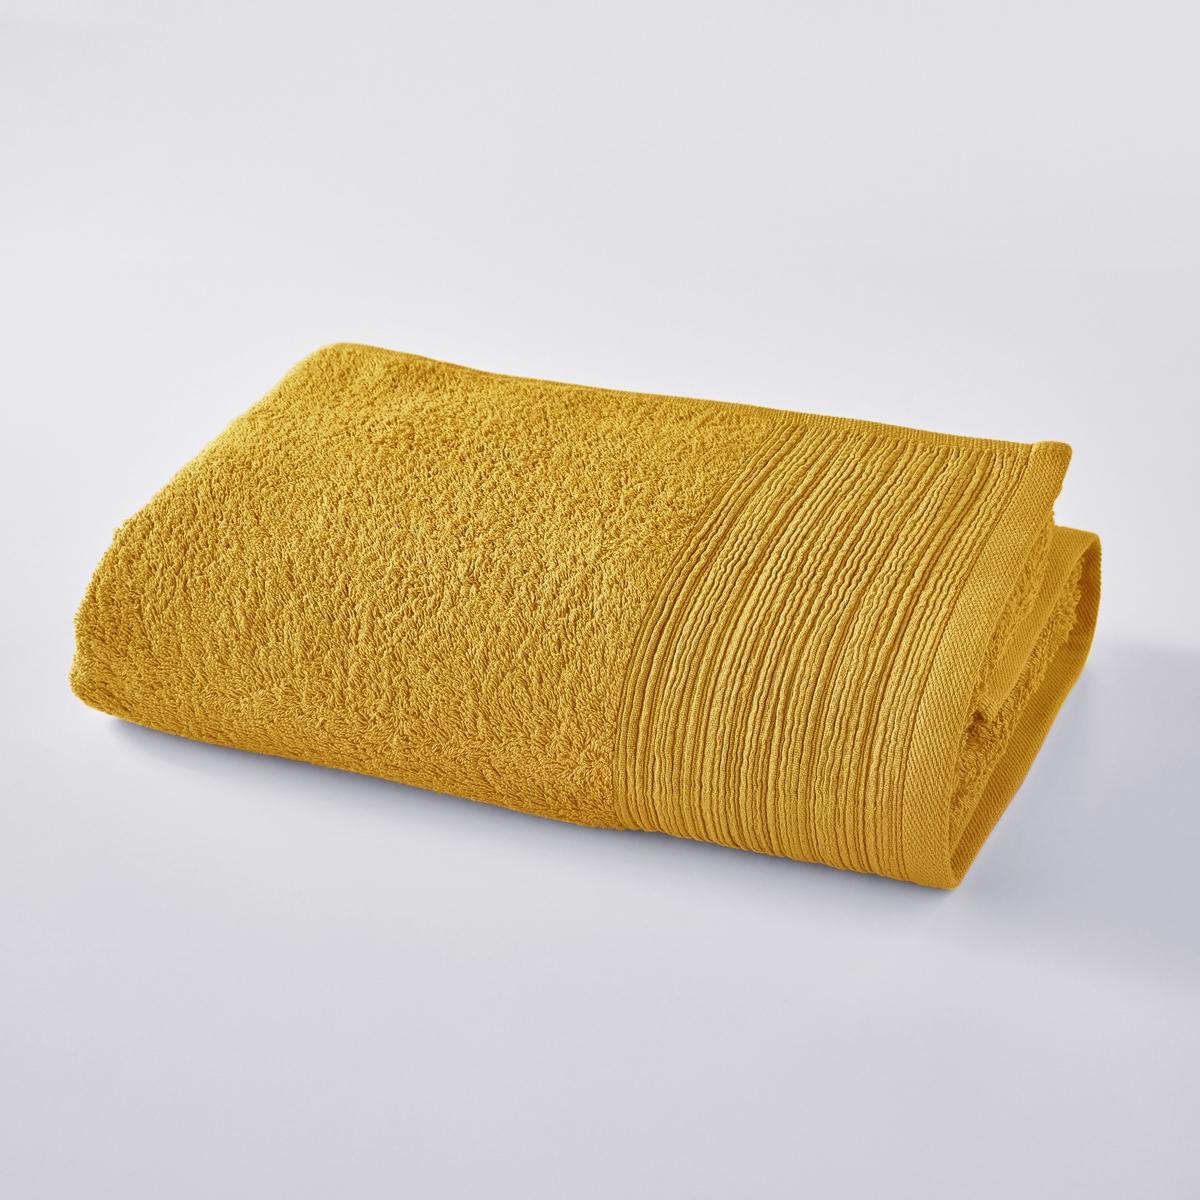 Полотенце однотонное махровое из био-хлопкаПолотенце одотонное махроео из био-хлопка: очень мягкое и приятное на кожу. Хлопок без пестицидов. Мы заботимся о сохранении окружающей среды и здоровья людей.Характеристики полотенца однотонного из био-хлопка:- Махровое петлями, 100% хлопок биологический (500 г/м?) великолепного качества.- бработка краёв плиссе.Стирка при 60°.- Машинная стирка.- Мягкость в течение длительного времени, особая прочность, великолепно сохраняется цвет после стирок.- Размеры: 70 x 140 см.Знак Oeko-Tex® гарантирует, что товары протестированы и сертифицированы, не содержат вредных для здоровья веществ.<br><br>Цвет: белый,индиго,серо-бежевый,серо-синий,серый<br>Размер: 70 x 140  см.70 x 140  см